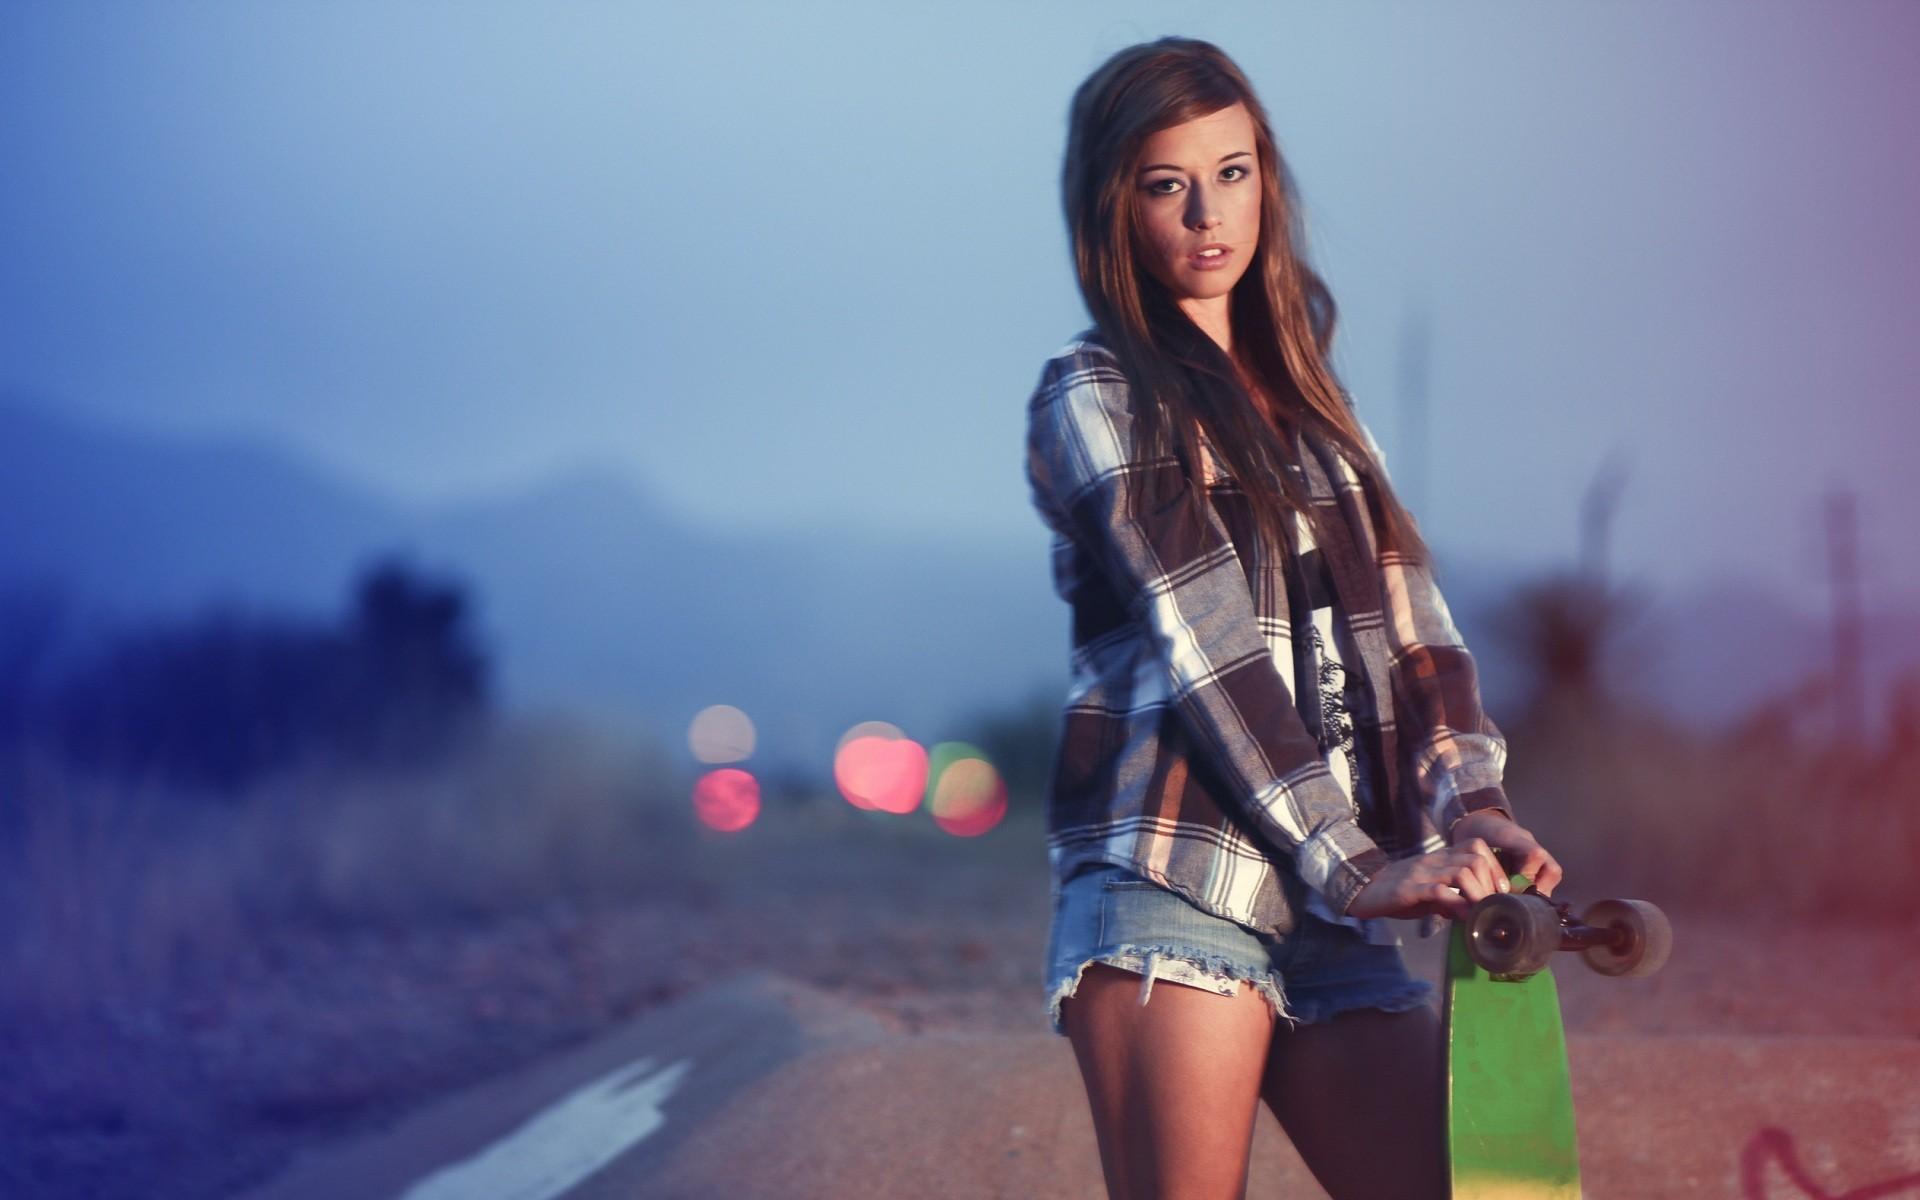 Skater Girl – Wallpaper #32741